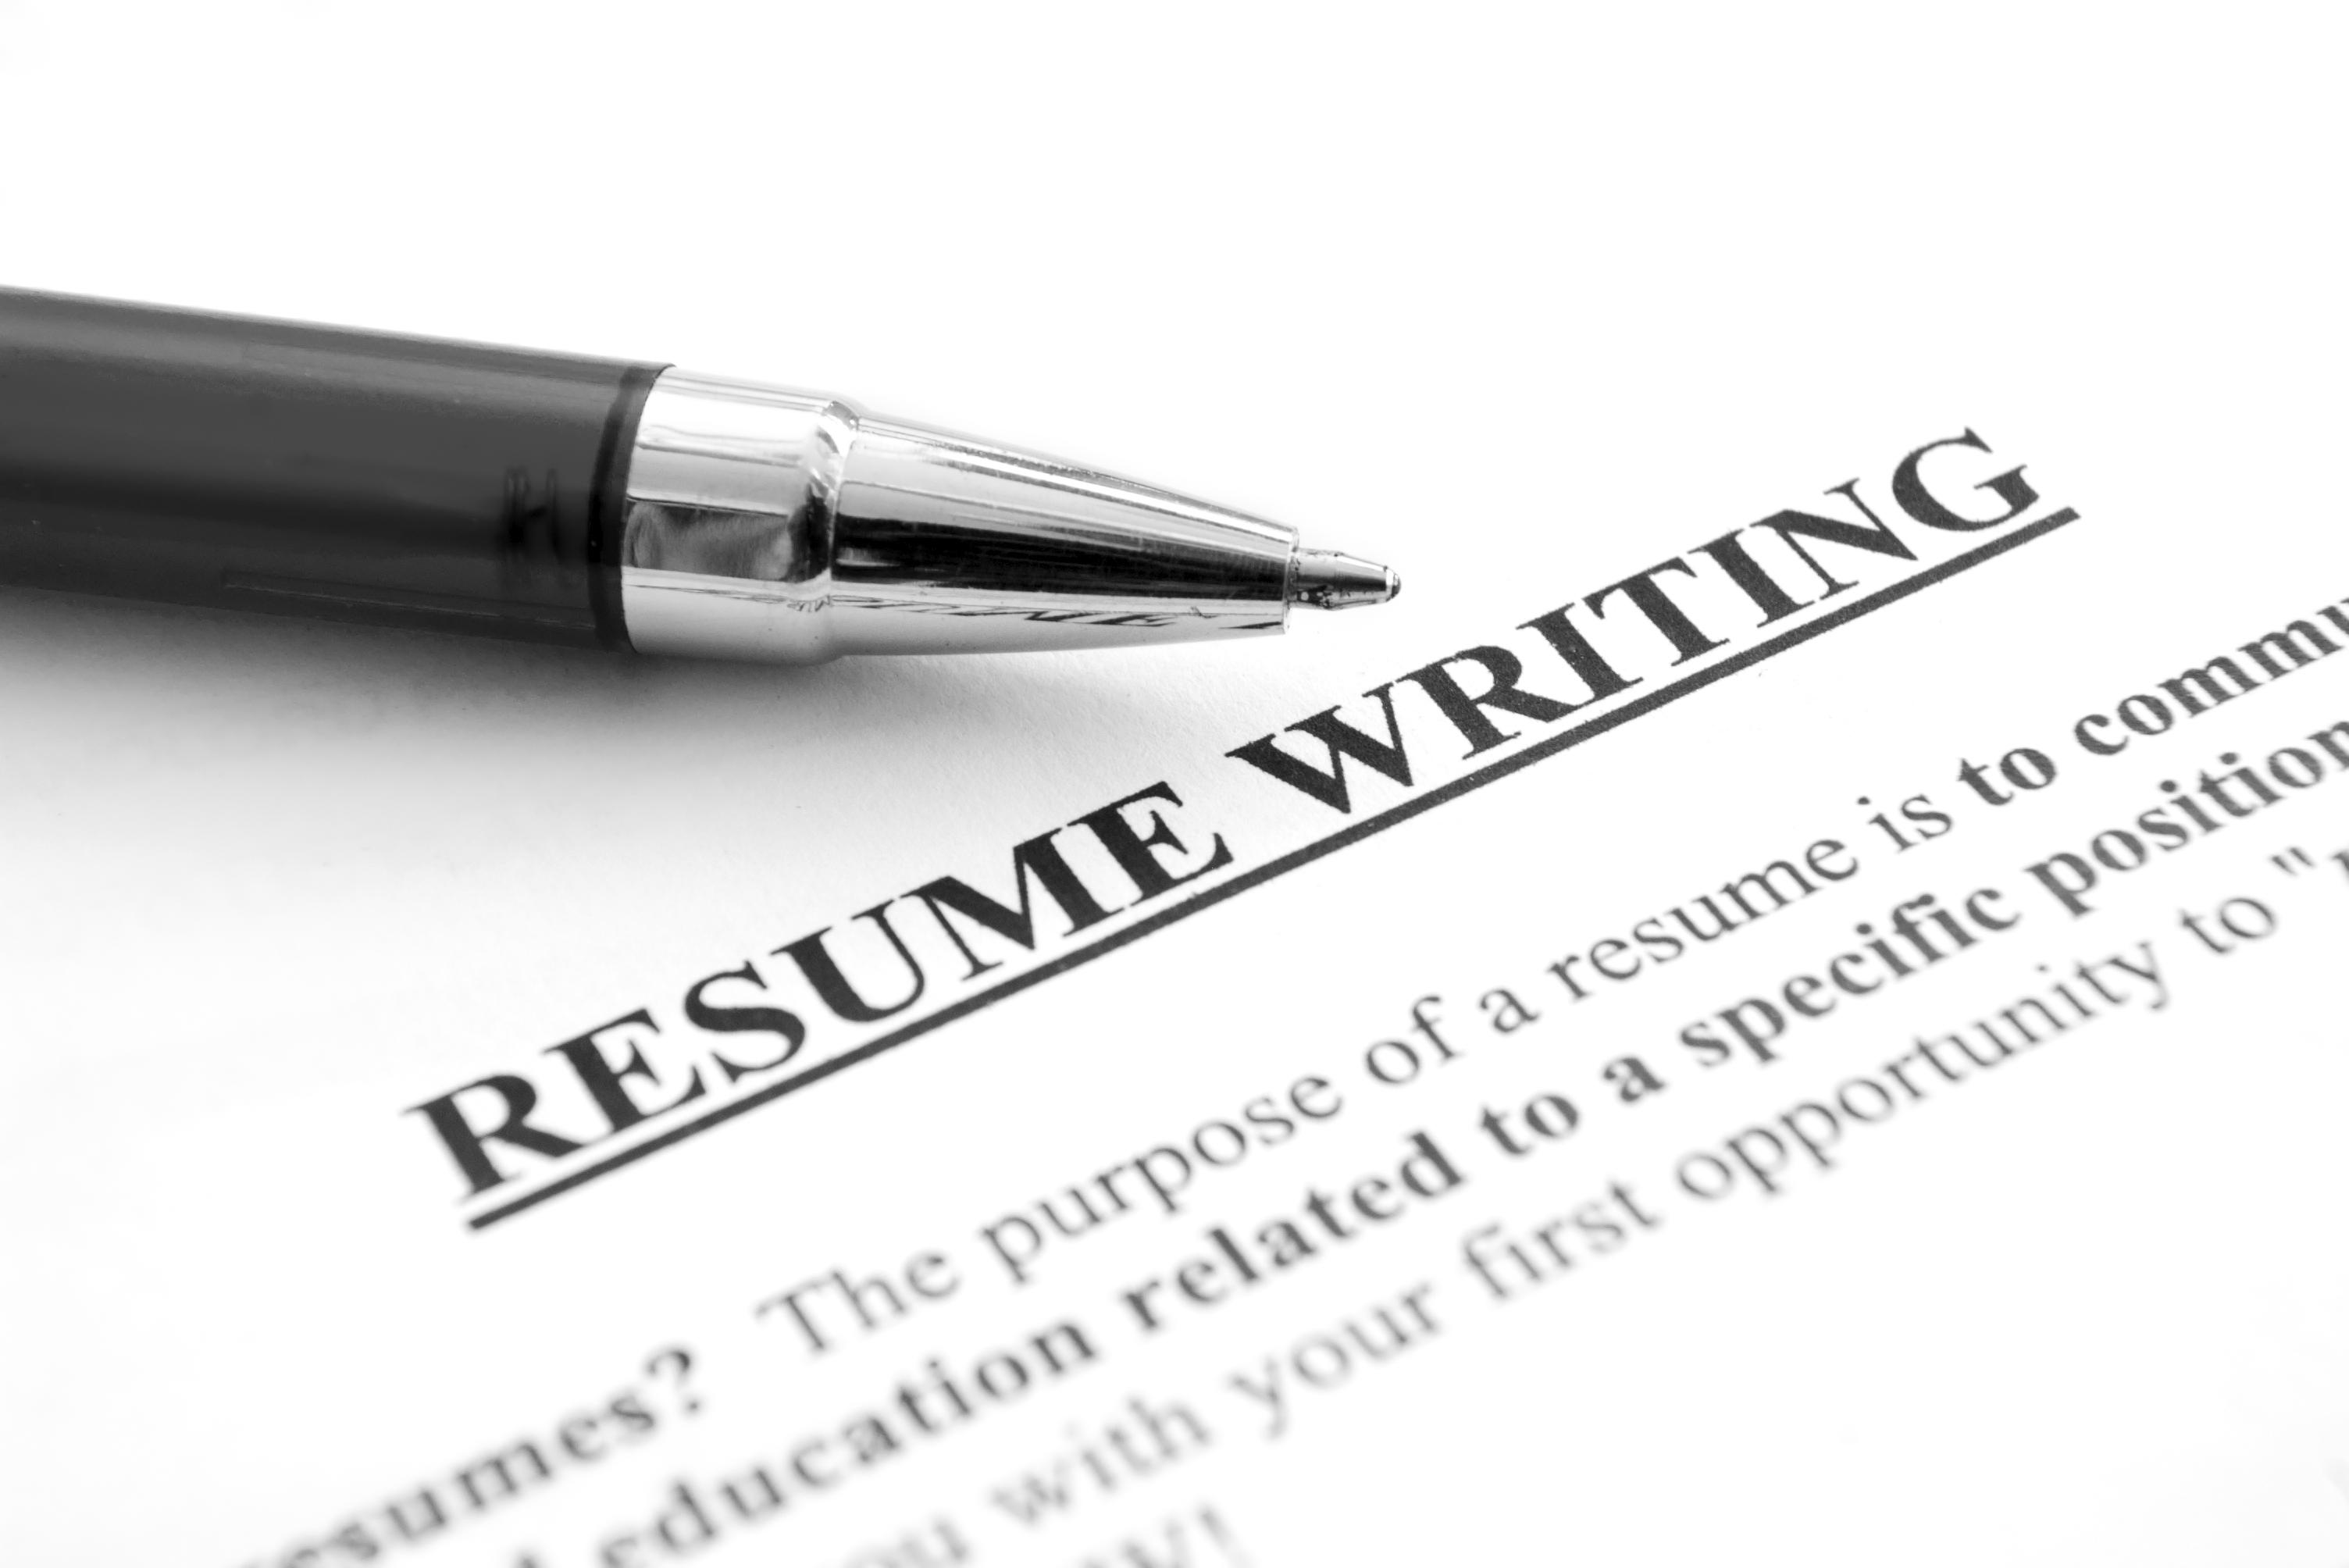 Resume writing services kalamazoo